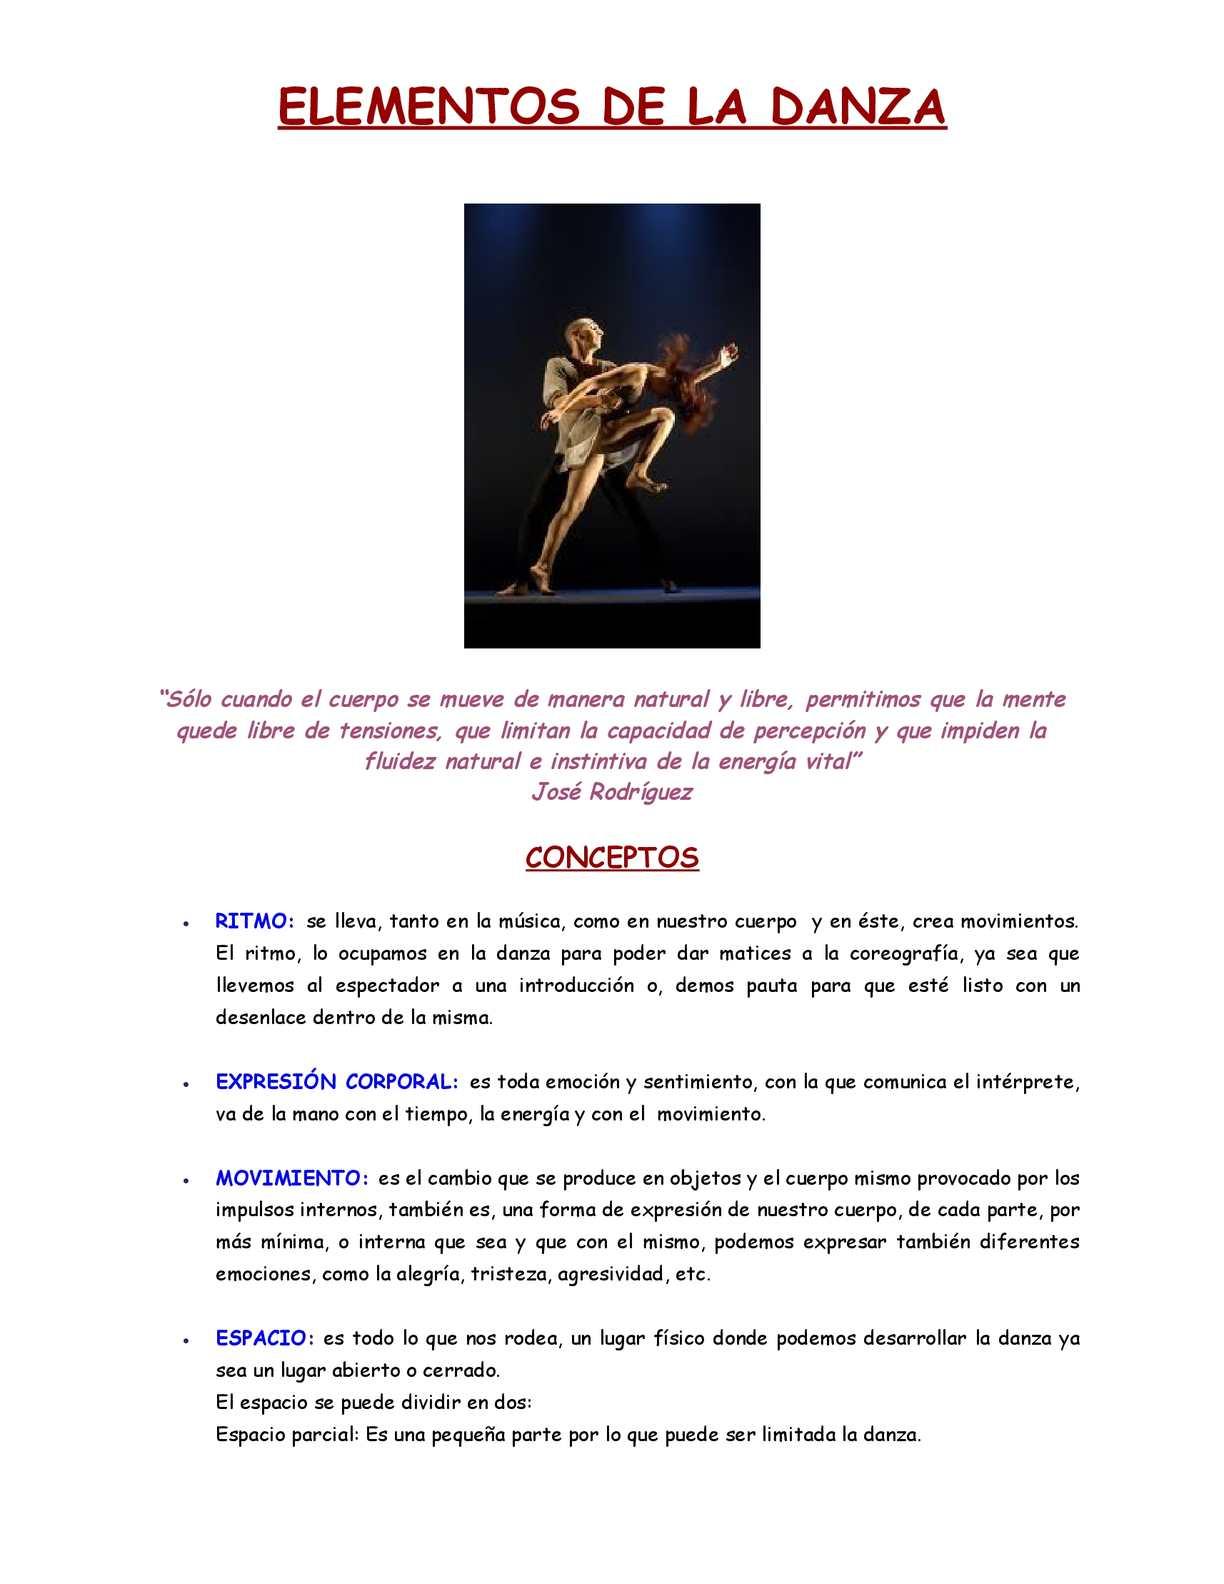 La Danza y sus elementos